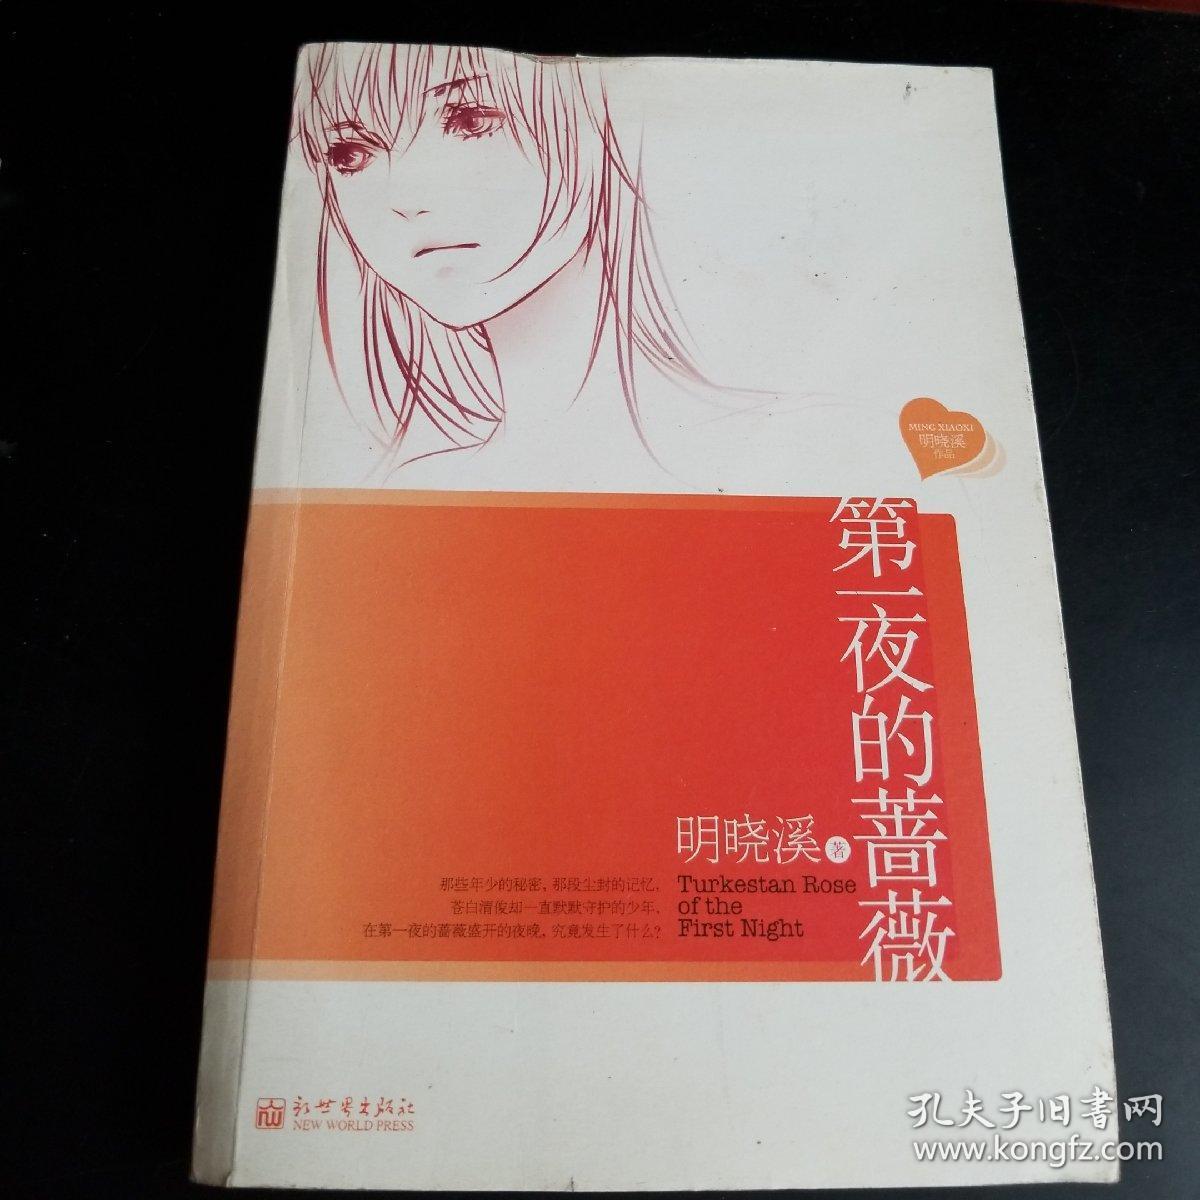 第一夜蔷薇第二部20_第一夜的蔷薇 爱情小说